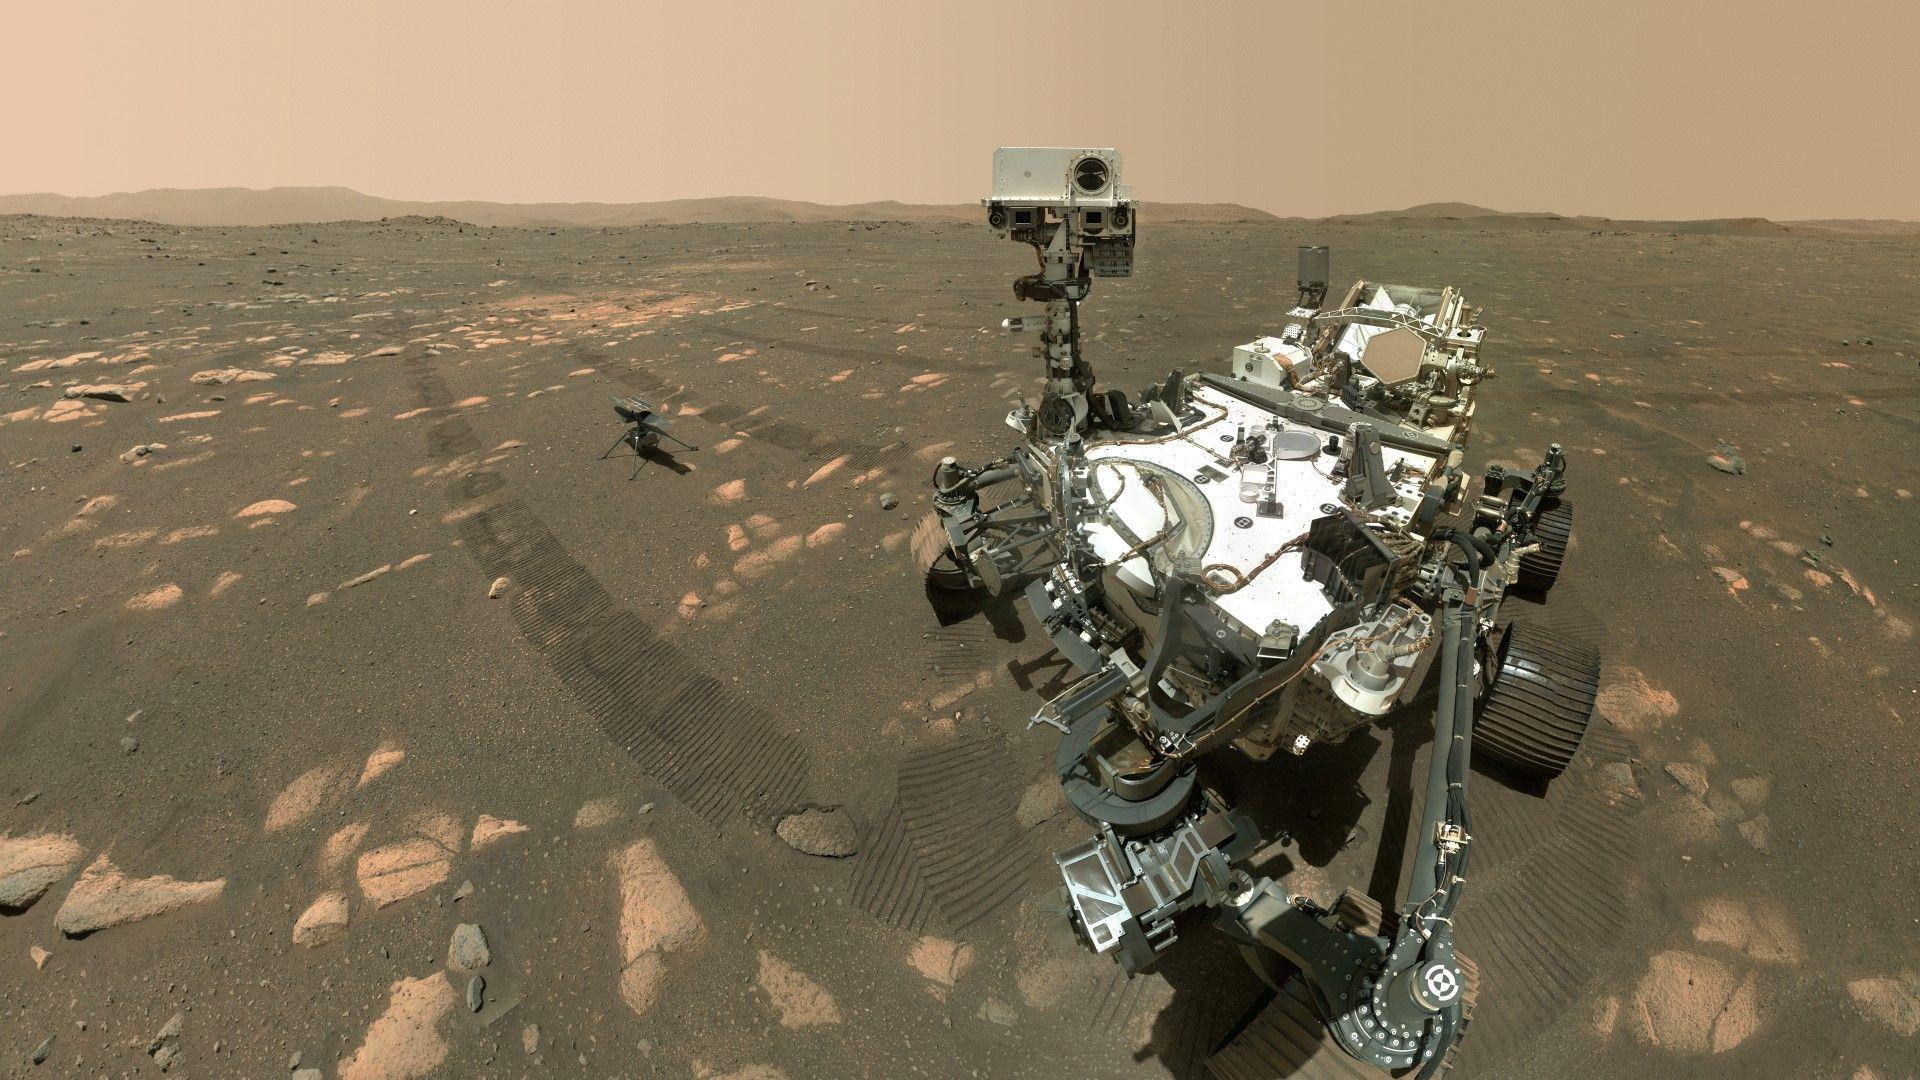 НАСА показа селфи на роувъра на Марс в компанията на миниатюрен хеликоптер